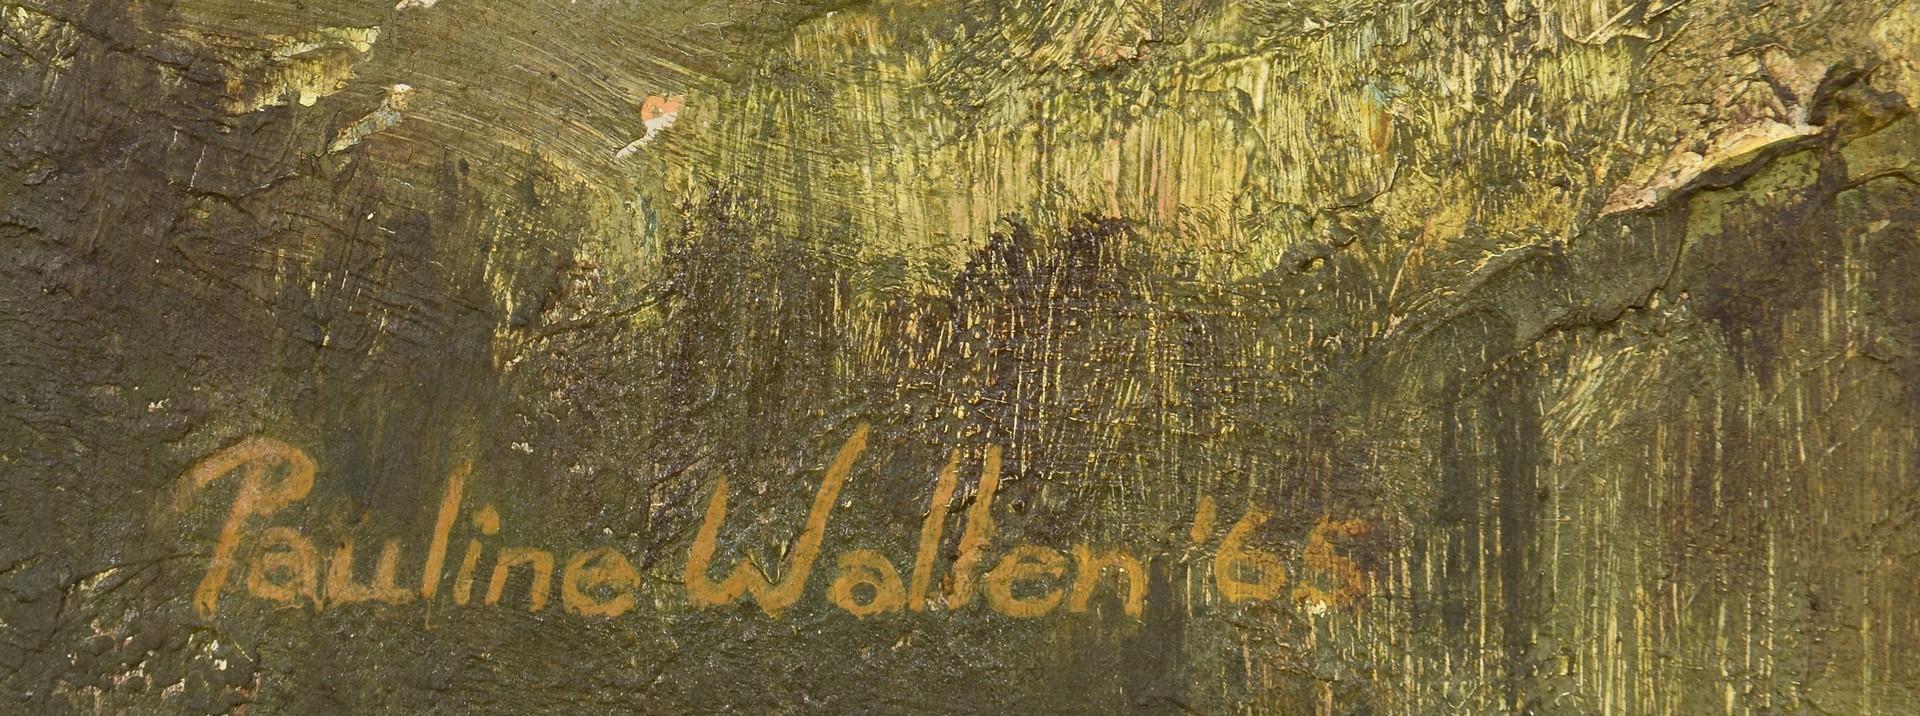 Lot 178: Pauline Wallen, oil on canvas, Smokey Mtns